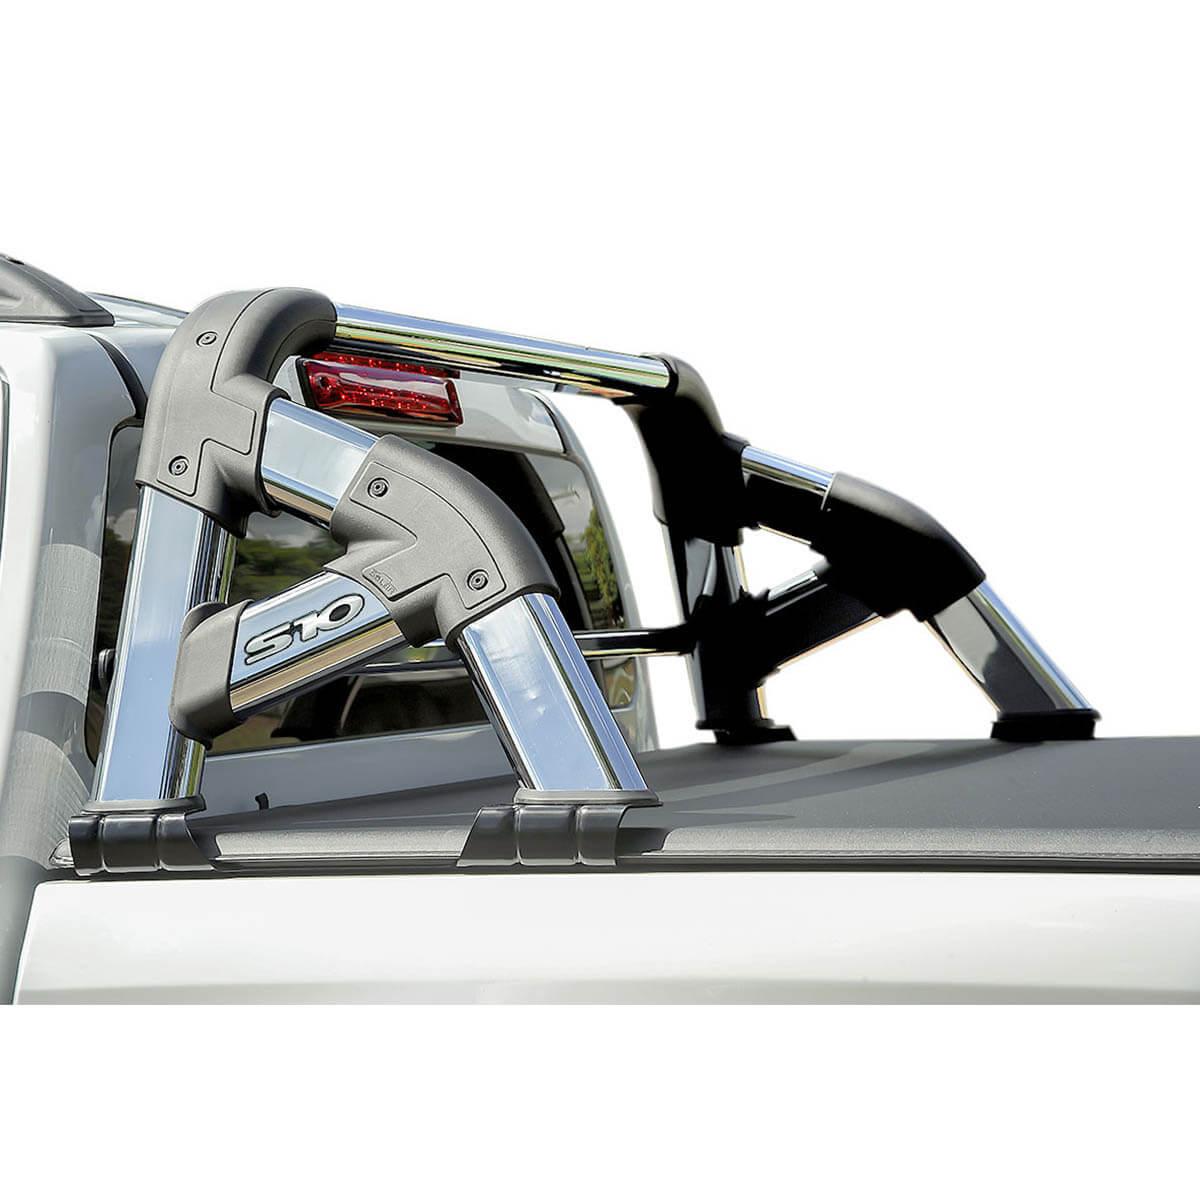 Santo antônio cromado Solar Exclusive S10 1995 a 2011 com barra de vidro cromada